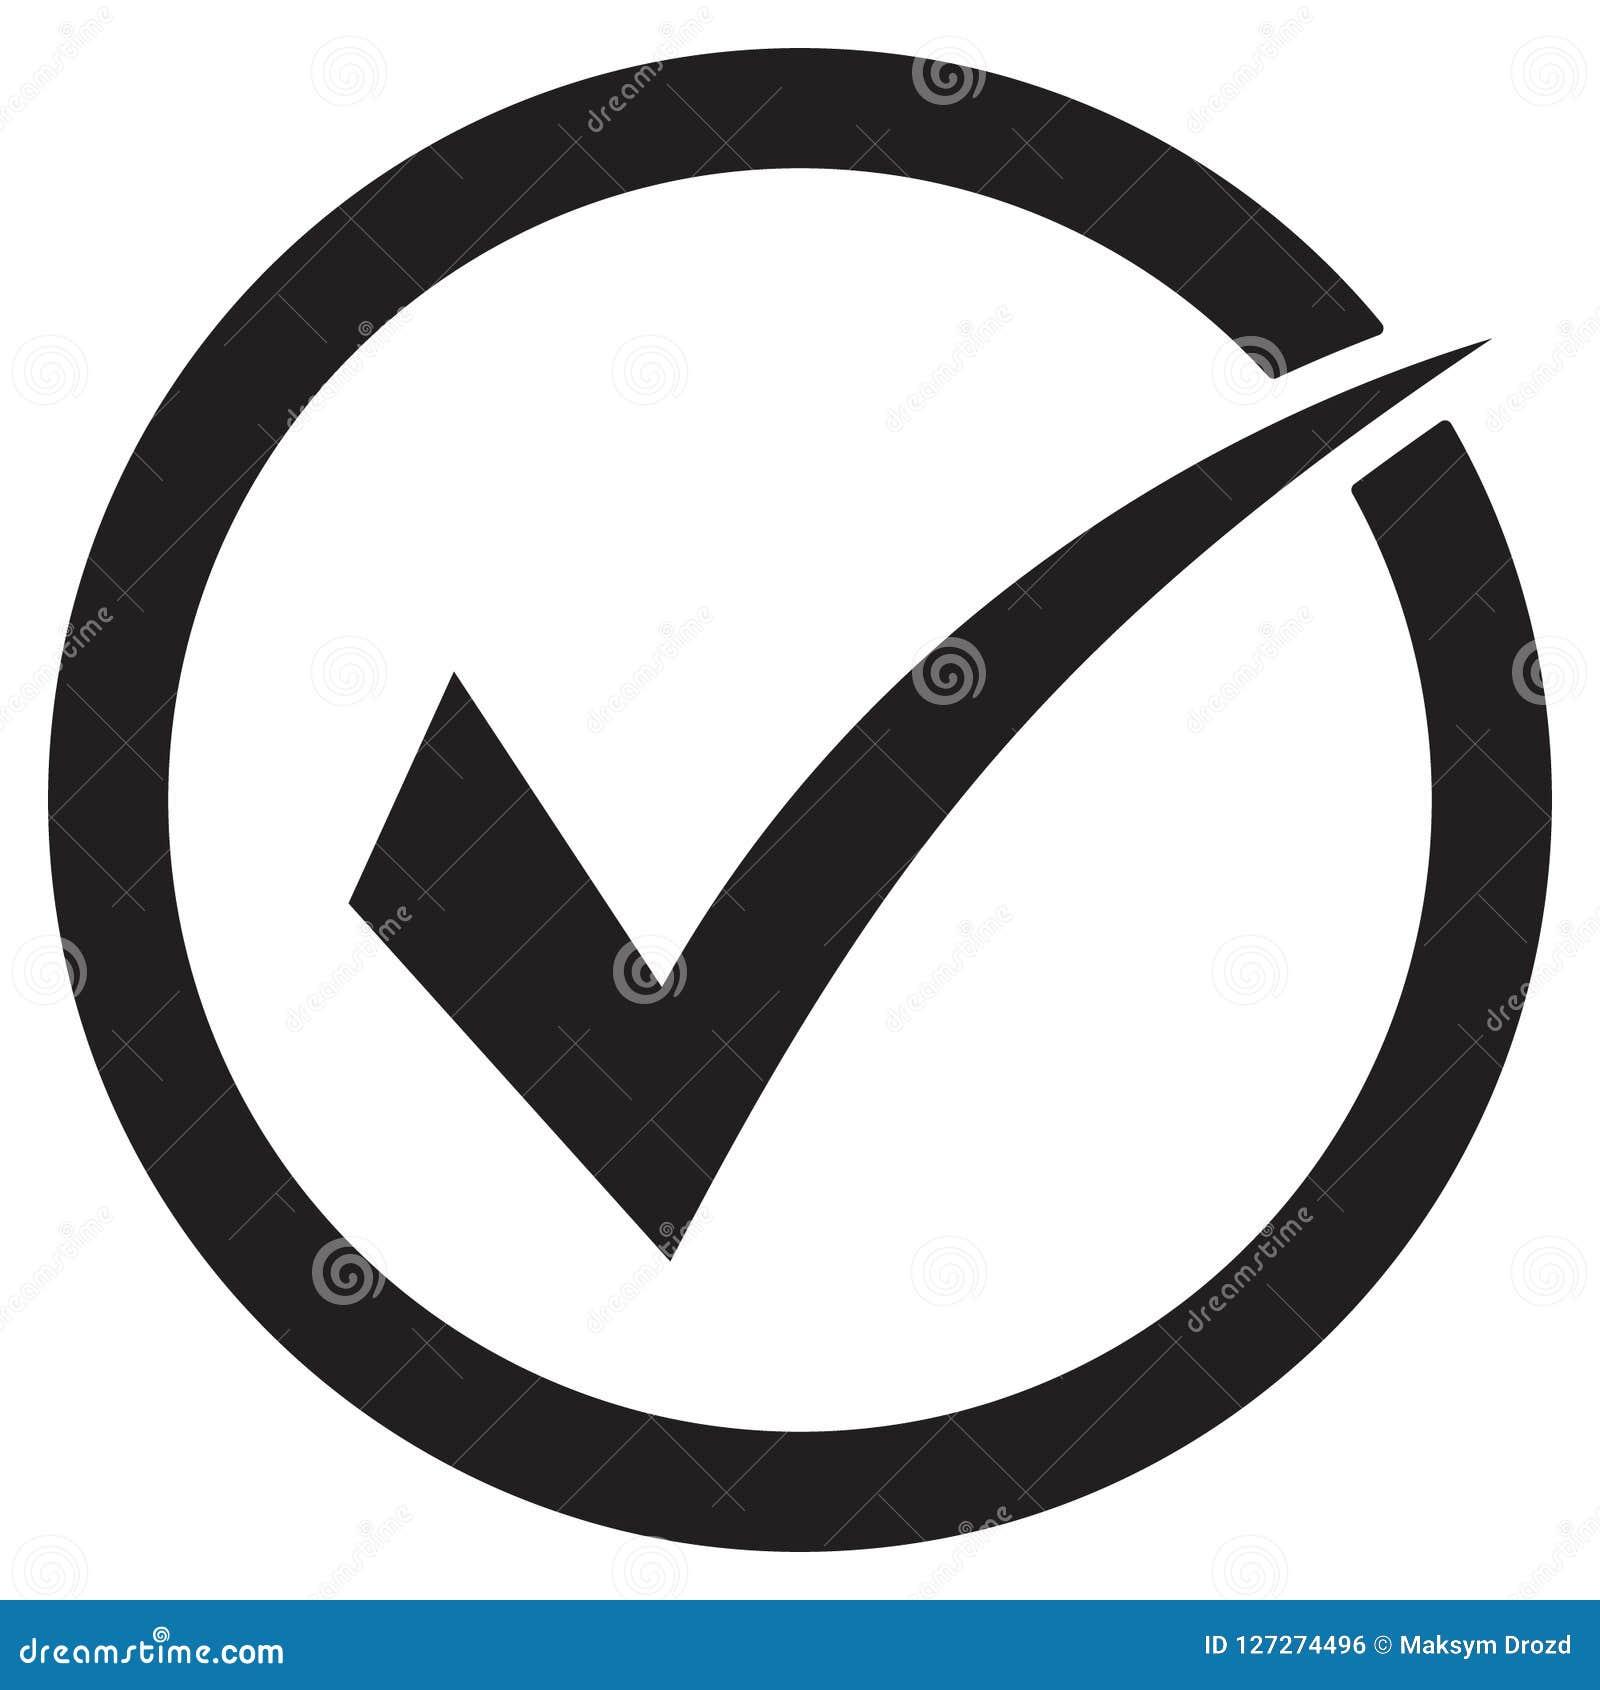 Zeckenikonen-Vektorsymbol, das Prüfzeichen, das auf weißem Hintergrund lokalisiert wurde, überprüfte Ikone oder korrektes auserle